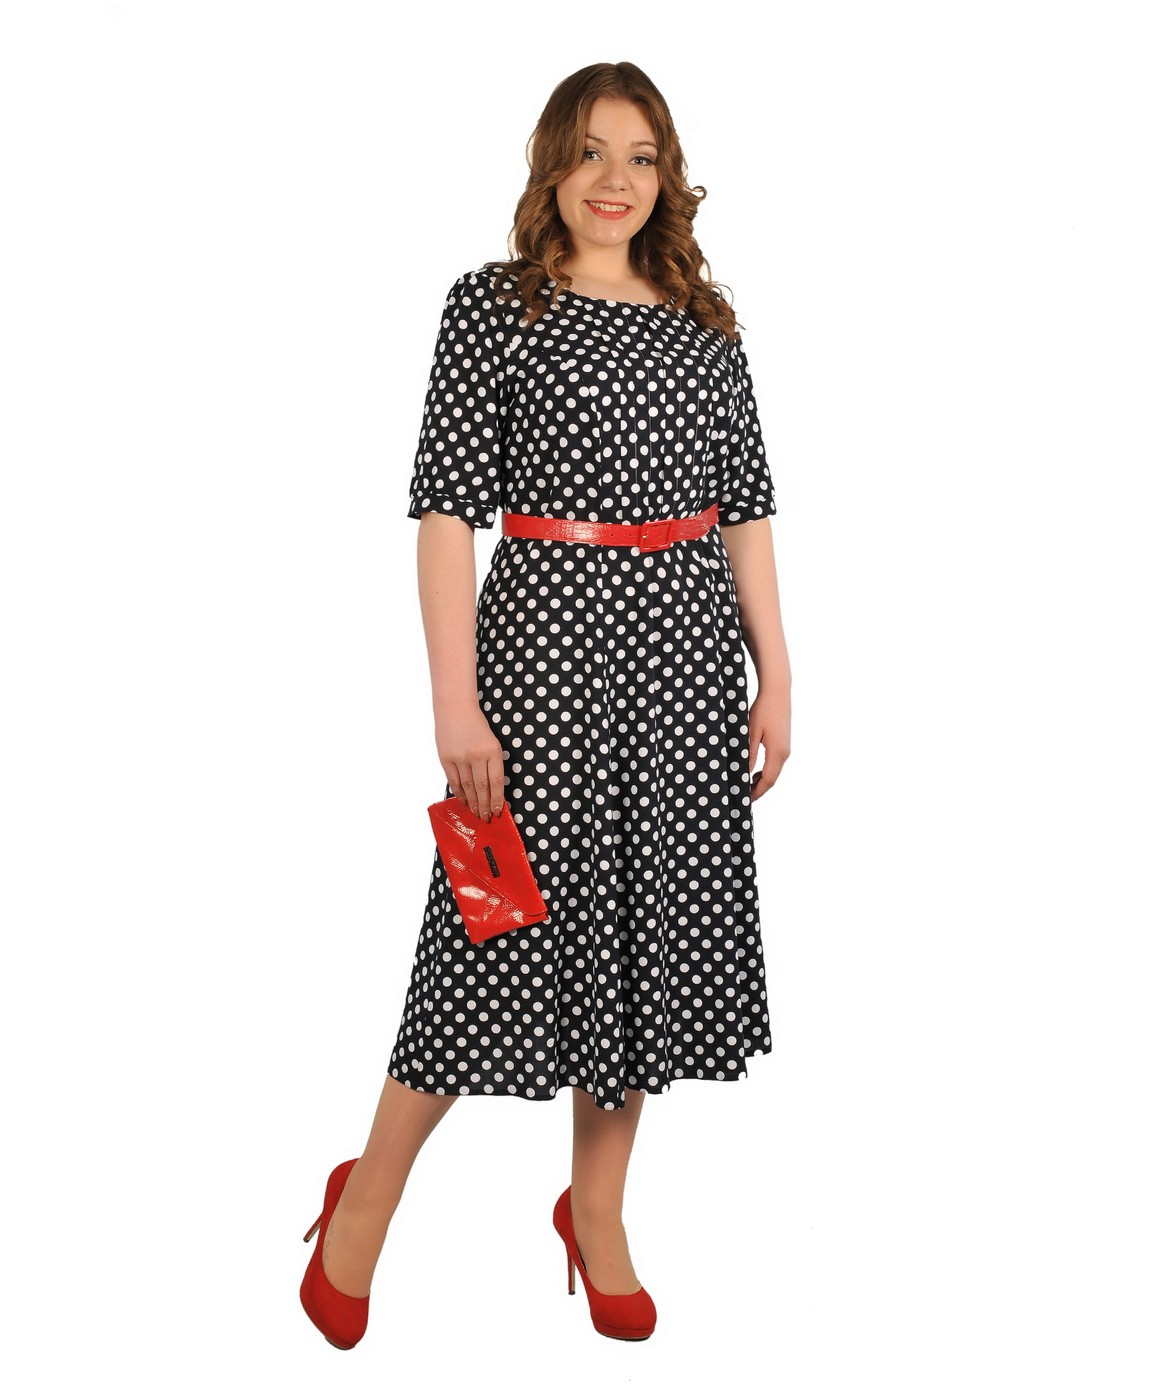 89e16217e4706 Дизайнеры предлагают большое разнообразие летних фасонов из вискозы от  сарафанов до деловых платьев и вечерних моделей.